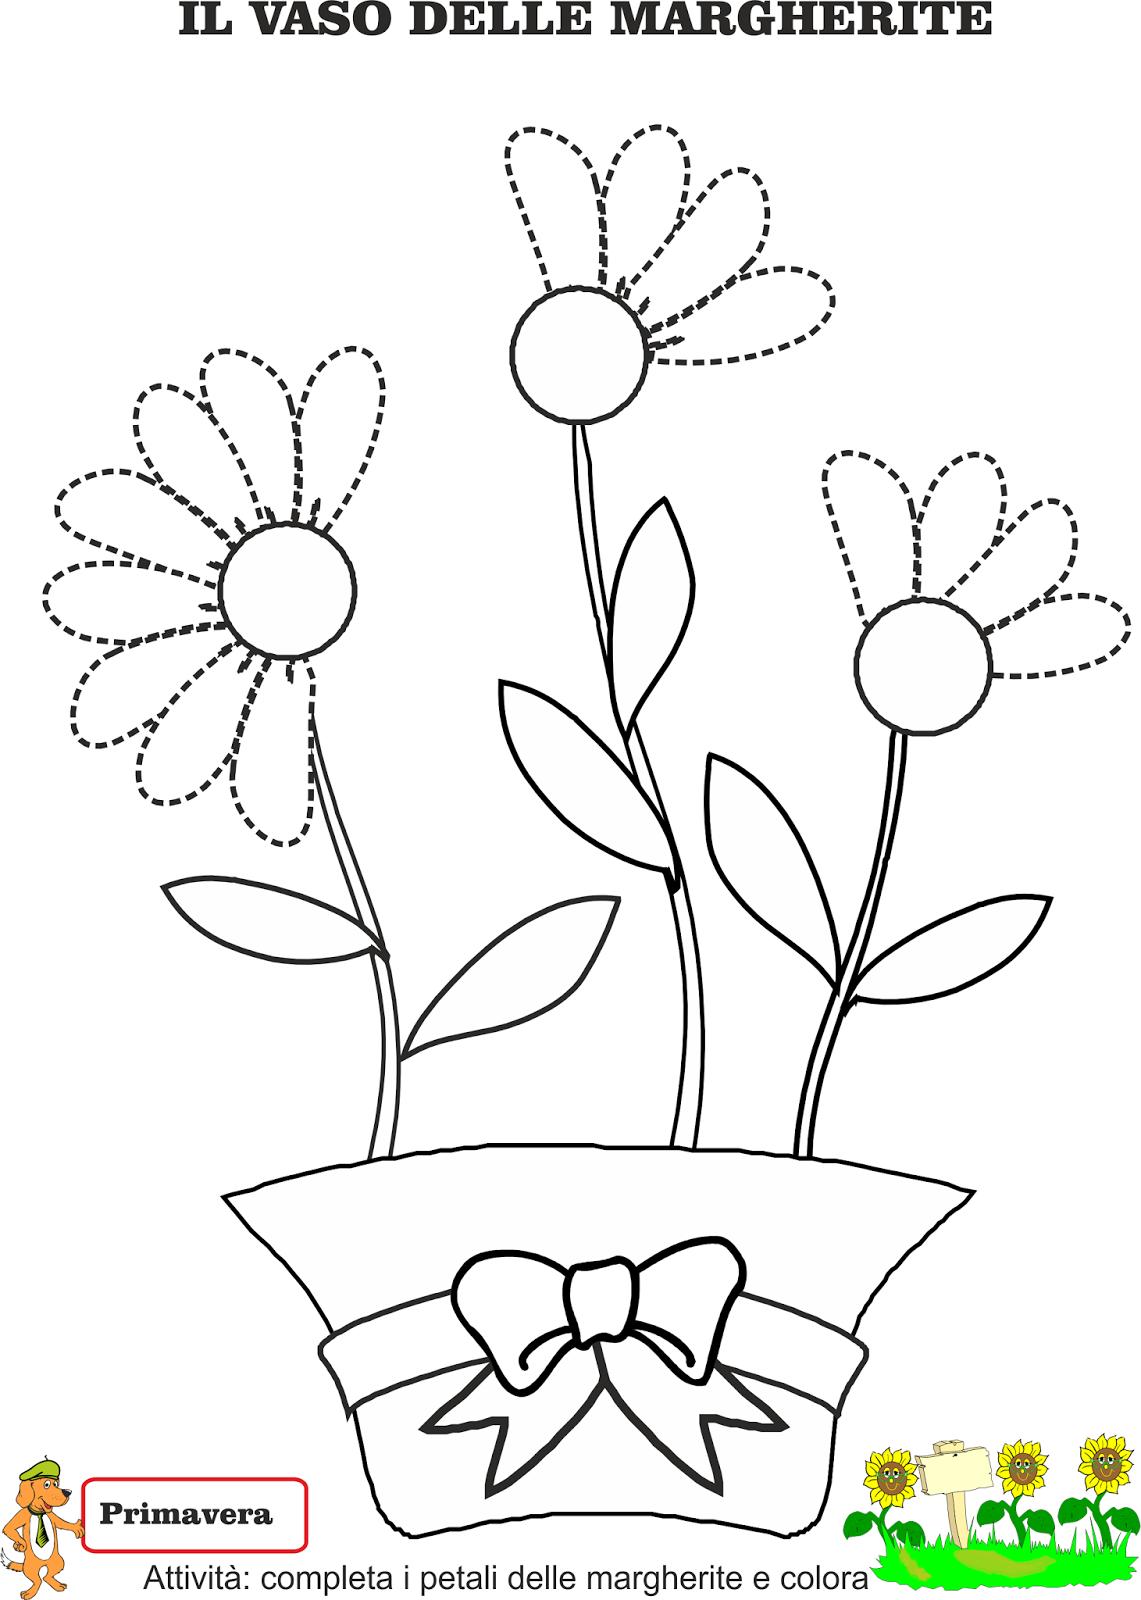 Disegno da colorare battito mani migliori pagine da - Pagine da colorare di scena di primavera ...